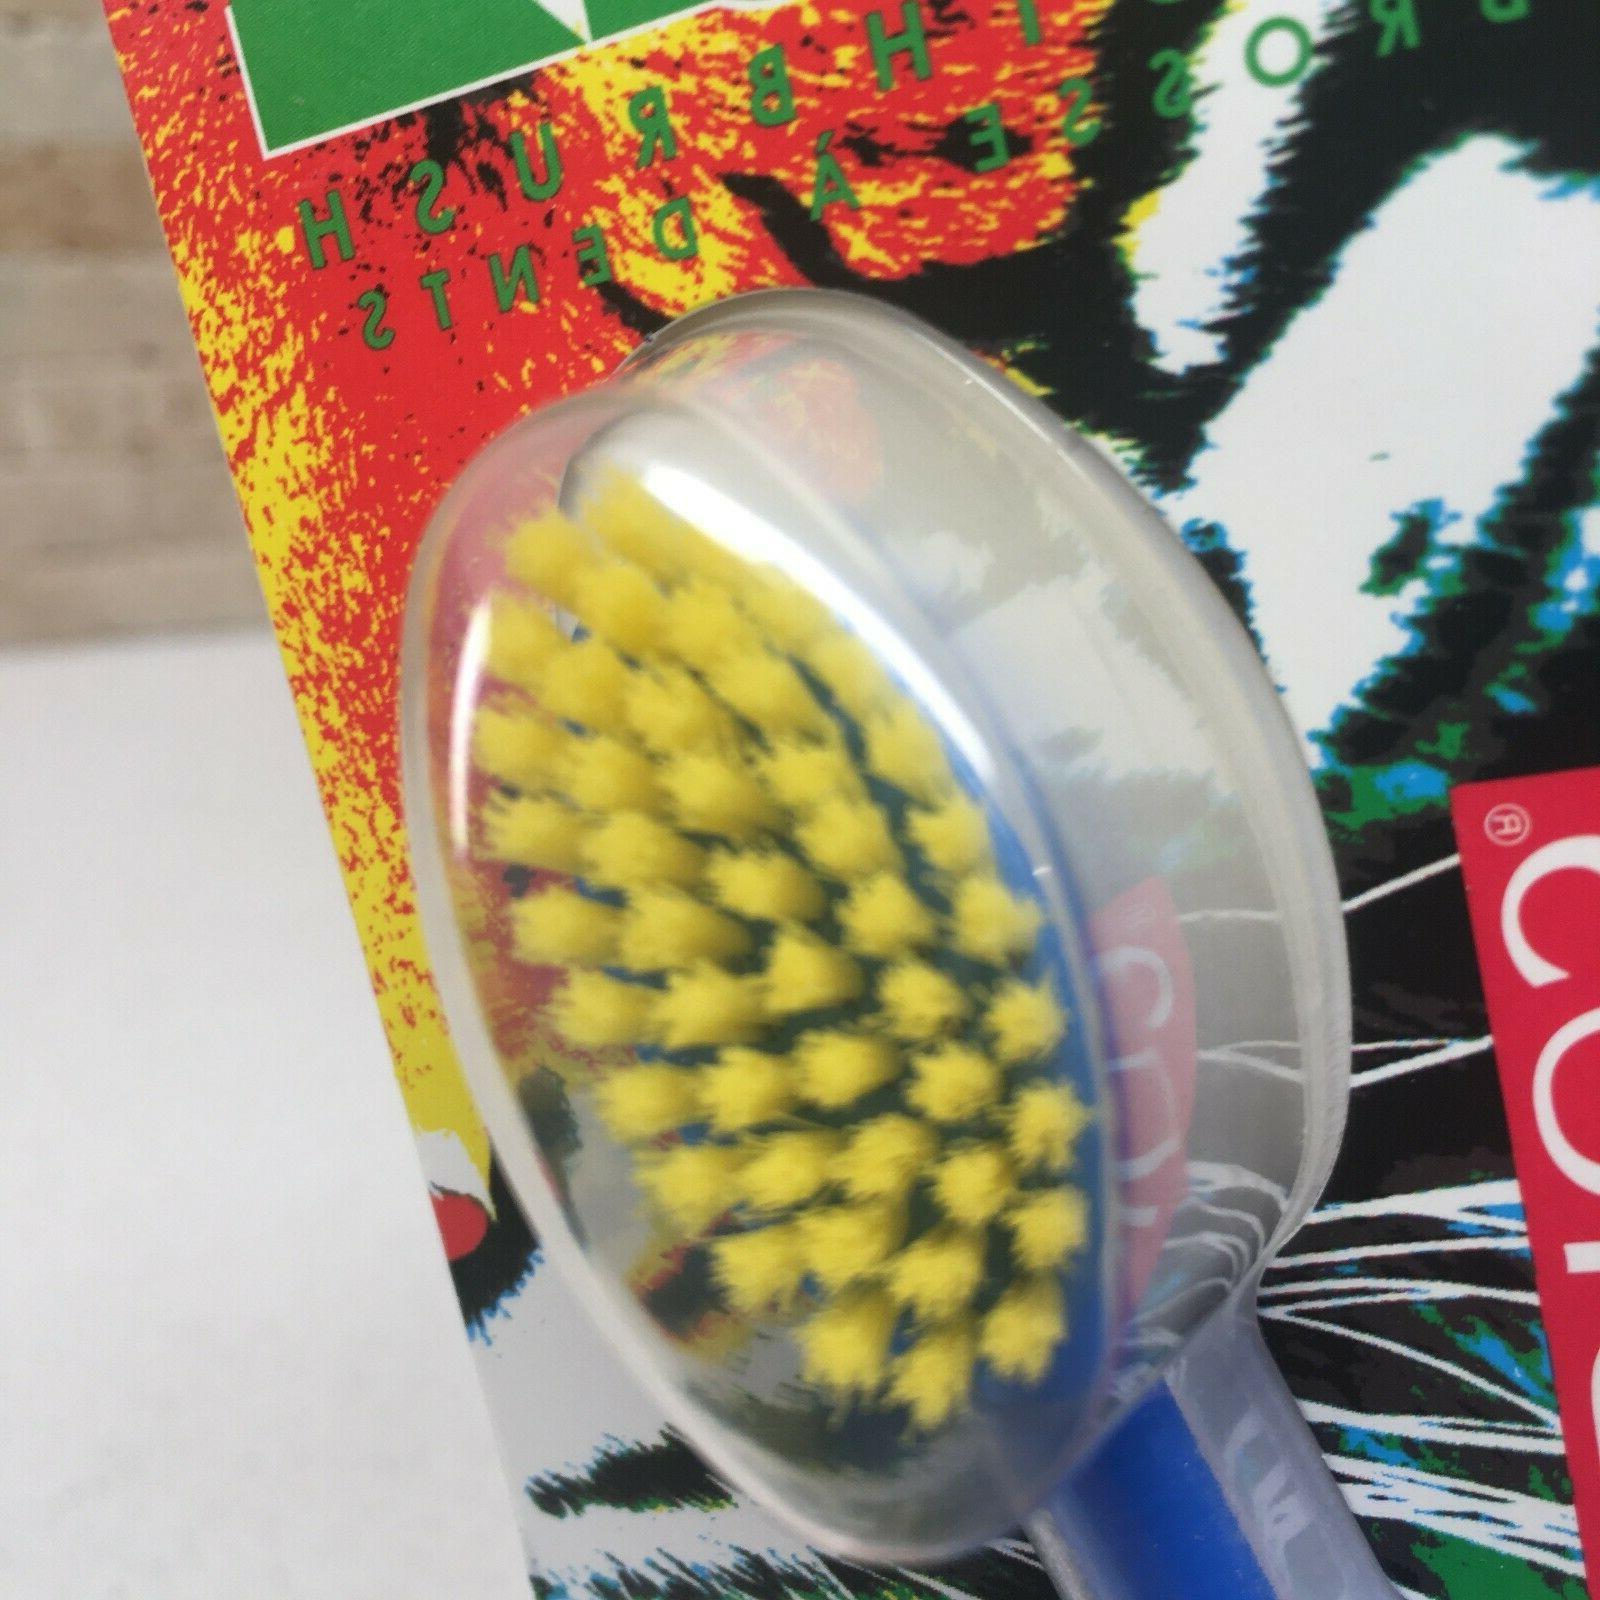 Radius Kidz Toothbrush, Hand, age 6+, Packs